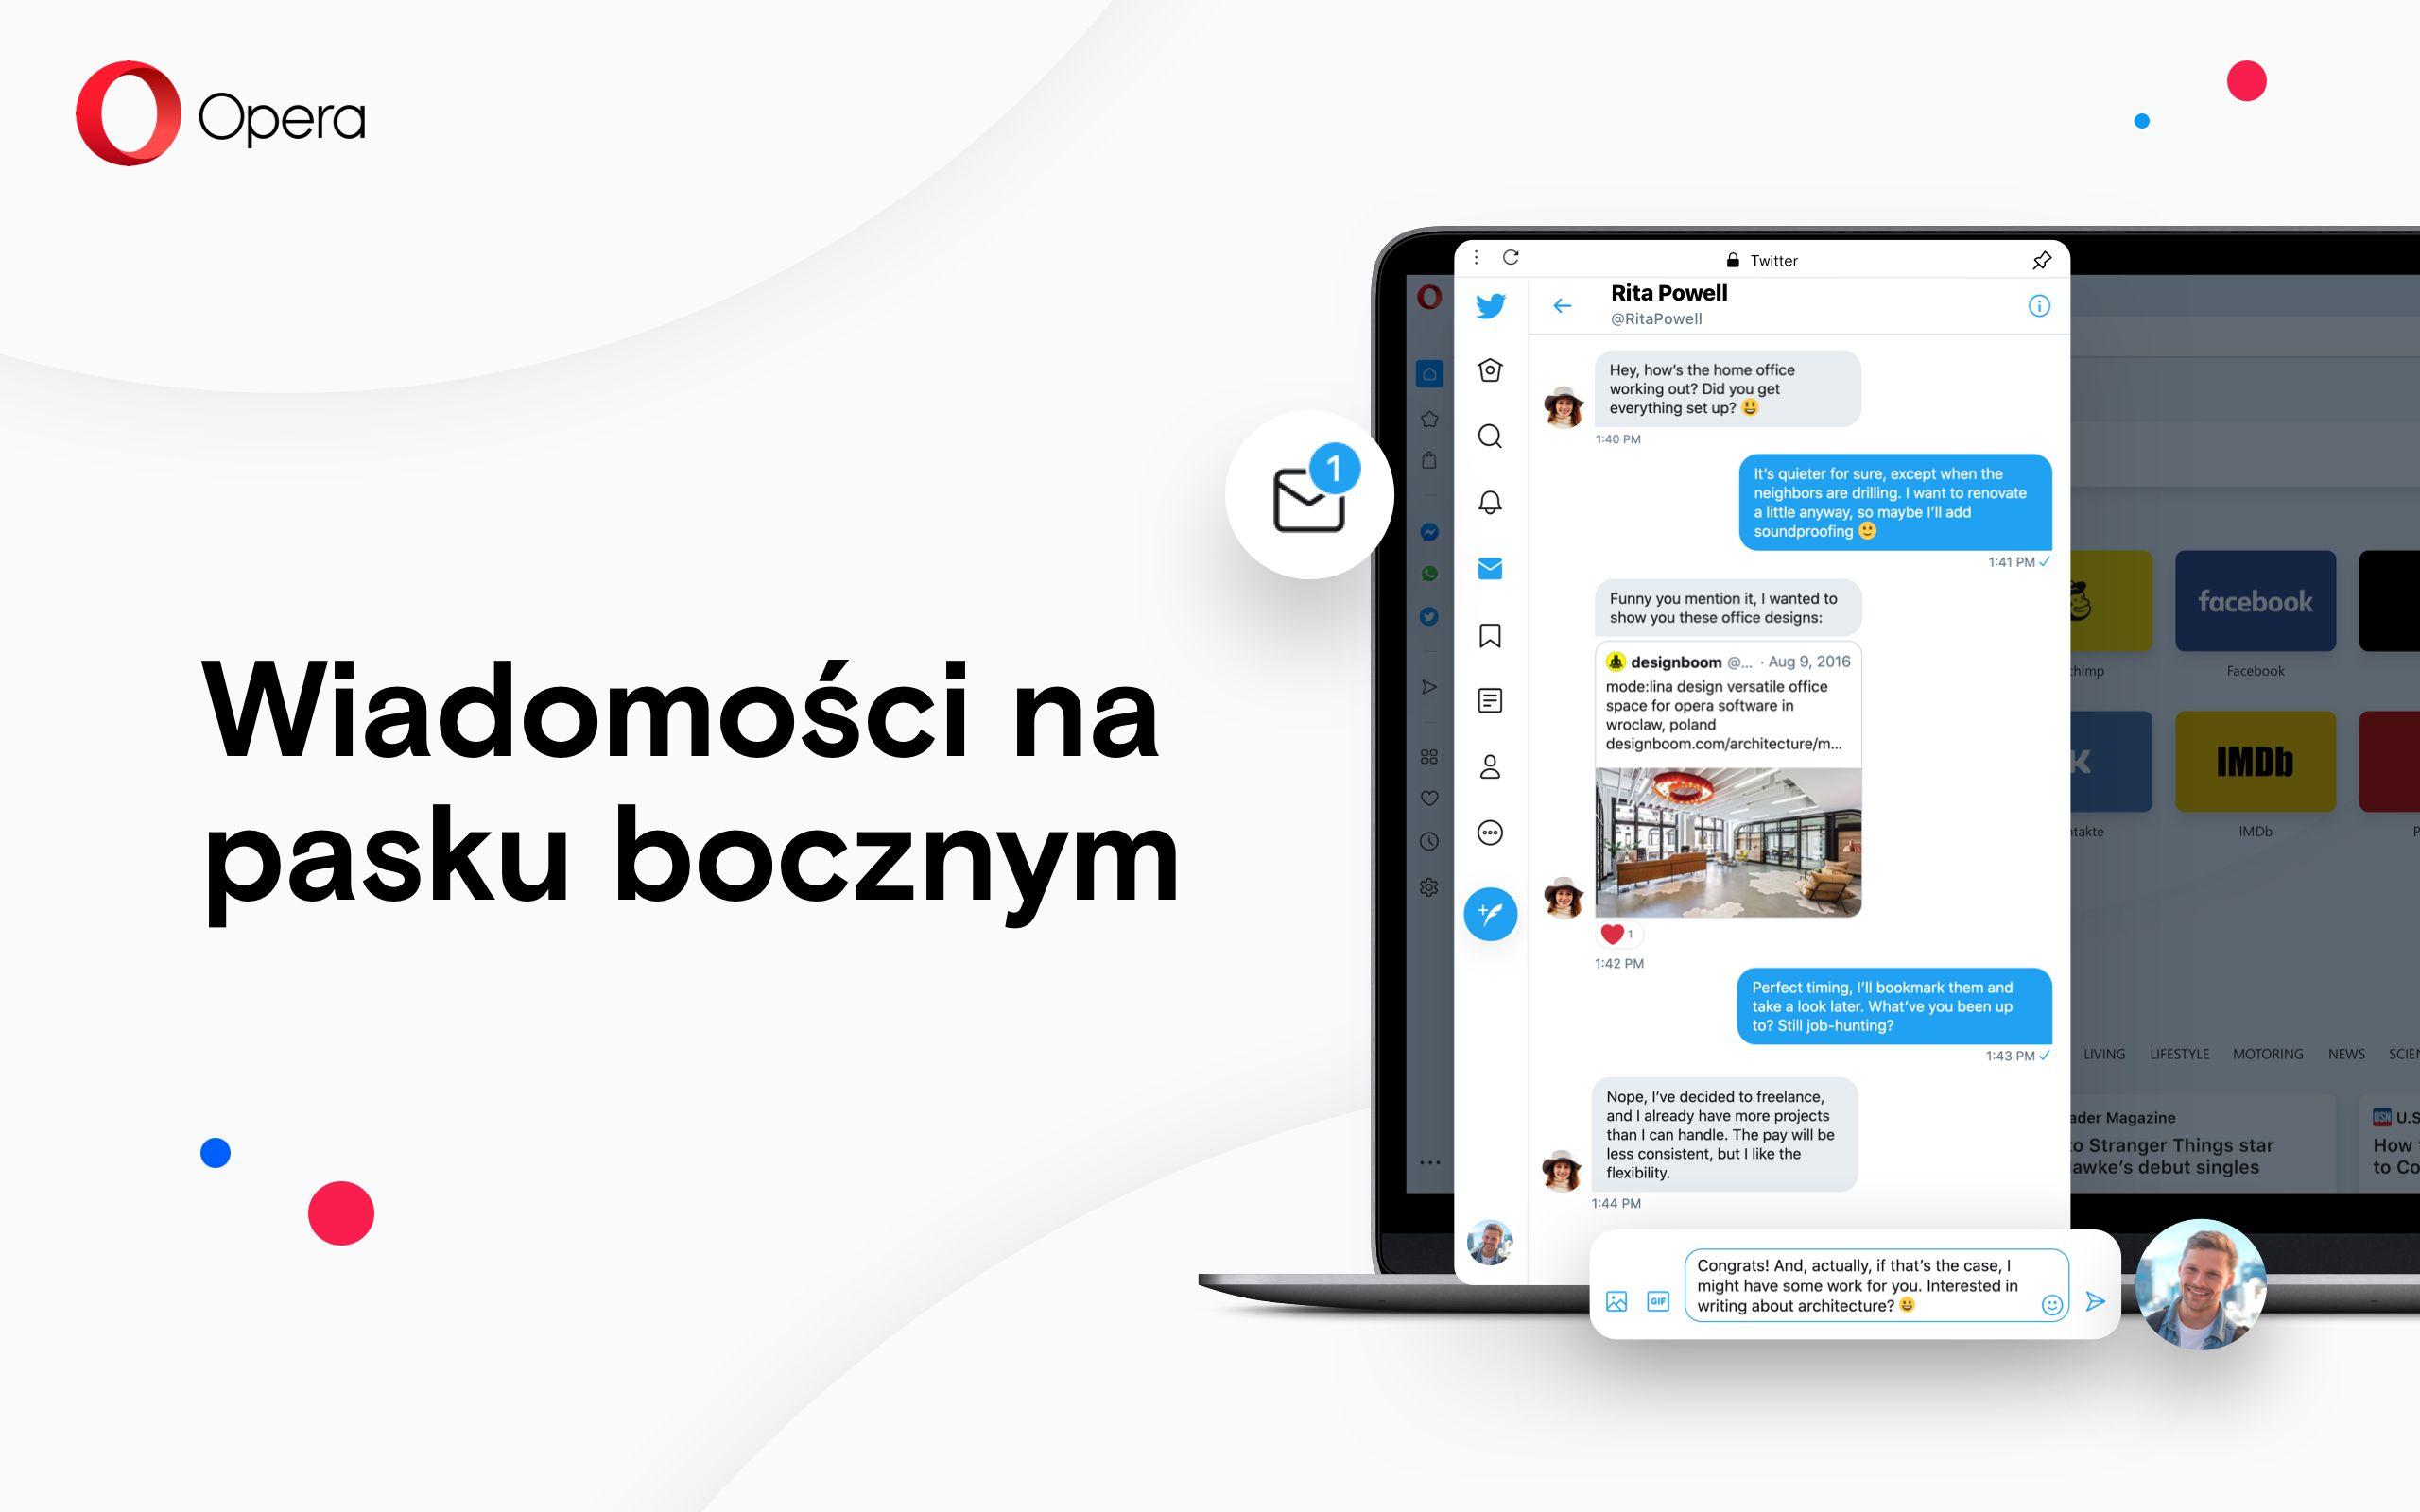 Opera dodaje wbudowanego Twittera na pasku bocznym